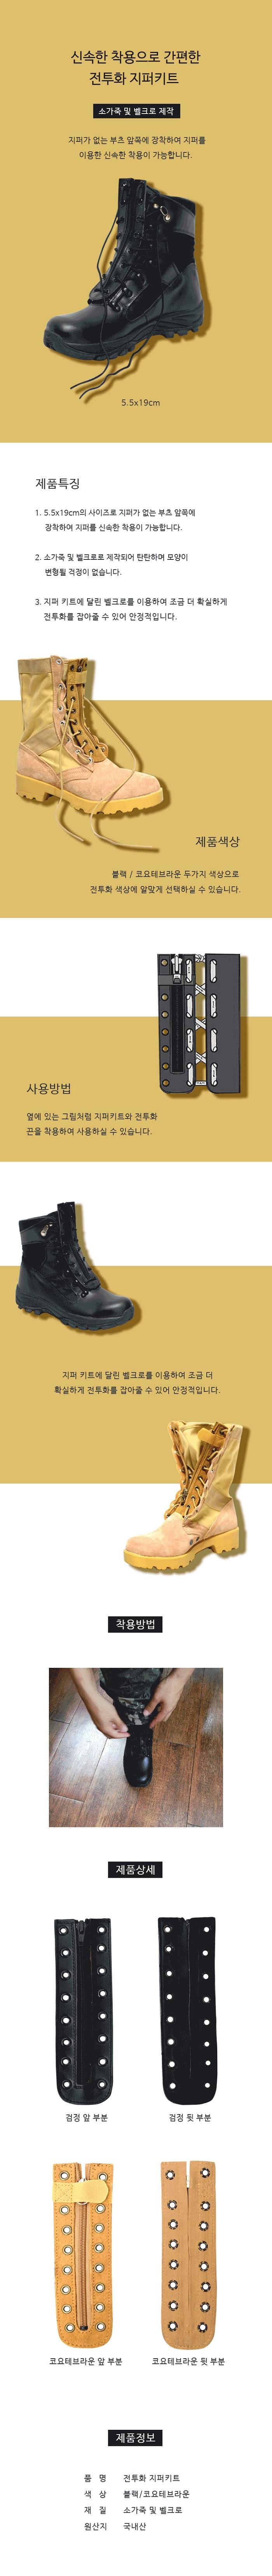 고정용 군화 군용 지퍼키트 - 쿠닌, 25,000원, 신발소품, 기타소품